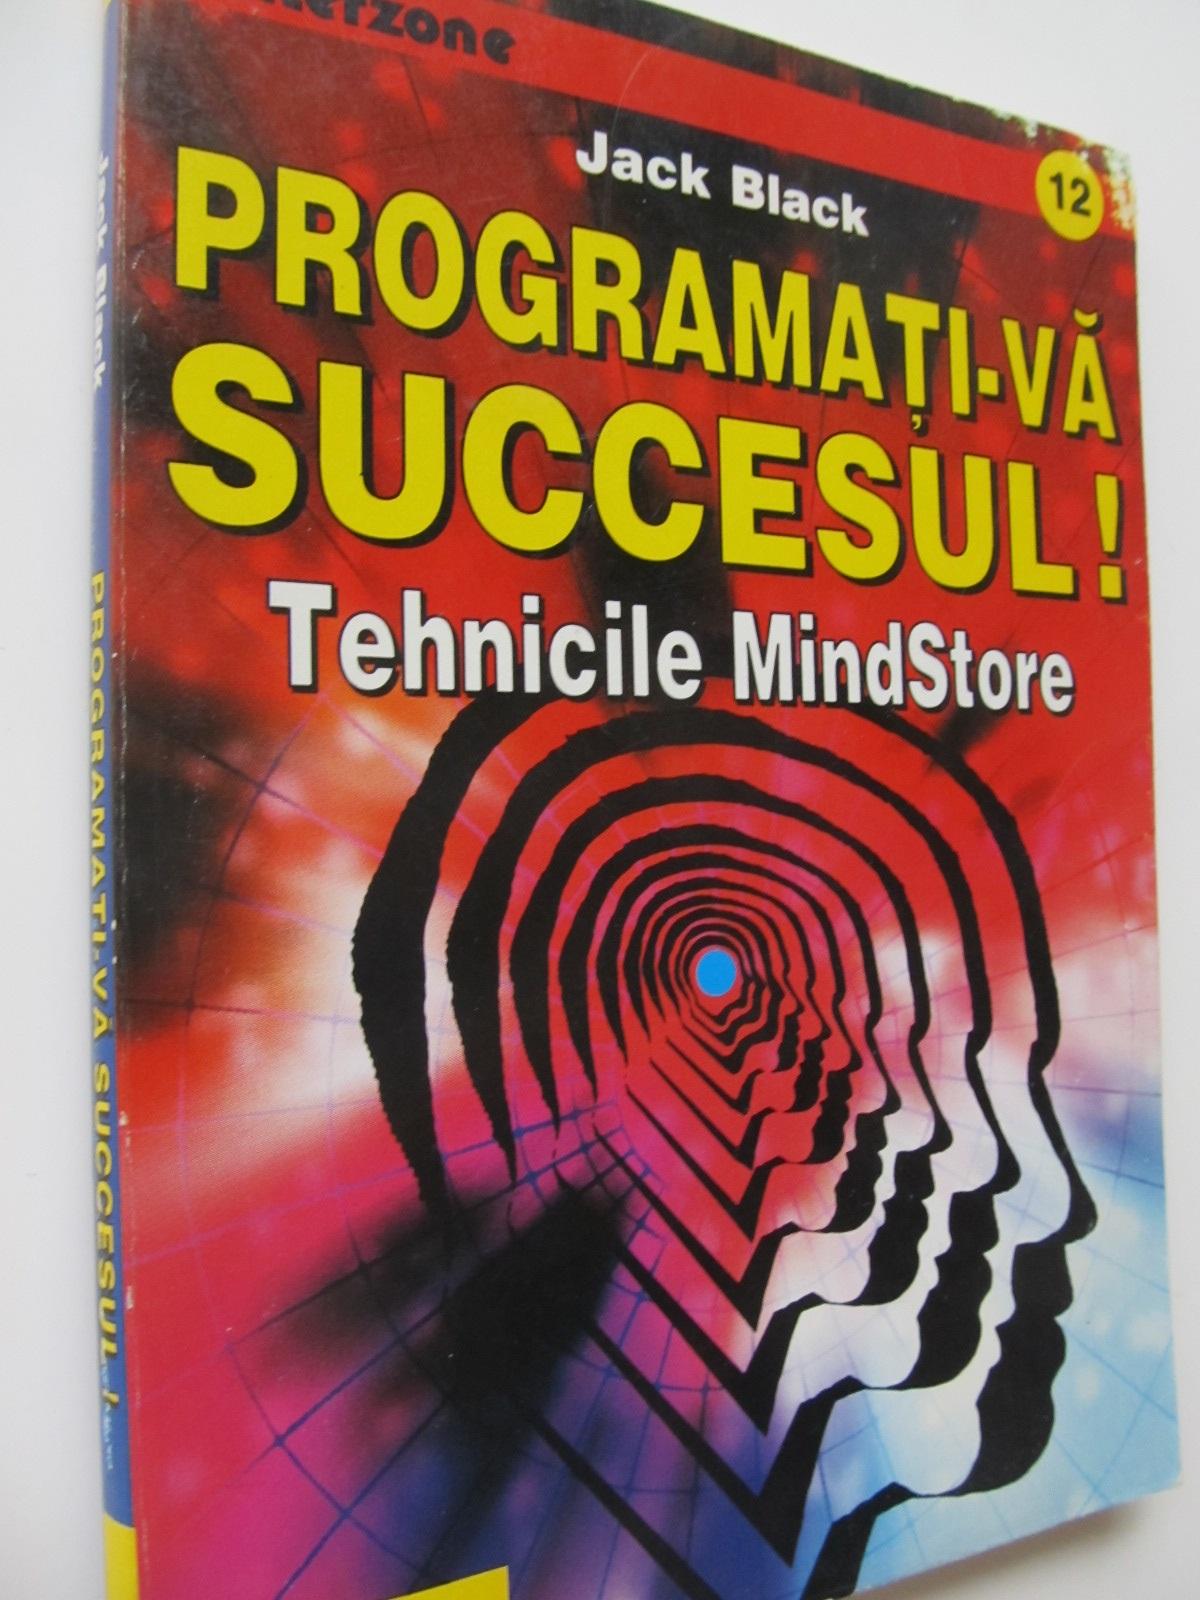 Programati-va succesul - Tehnicile MindStore - Jack Black | Detalii carte